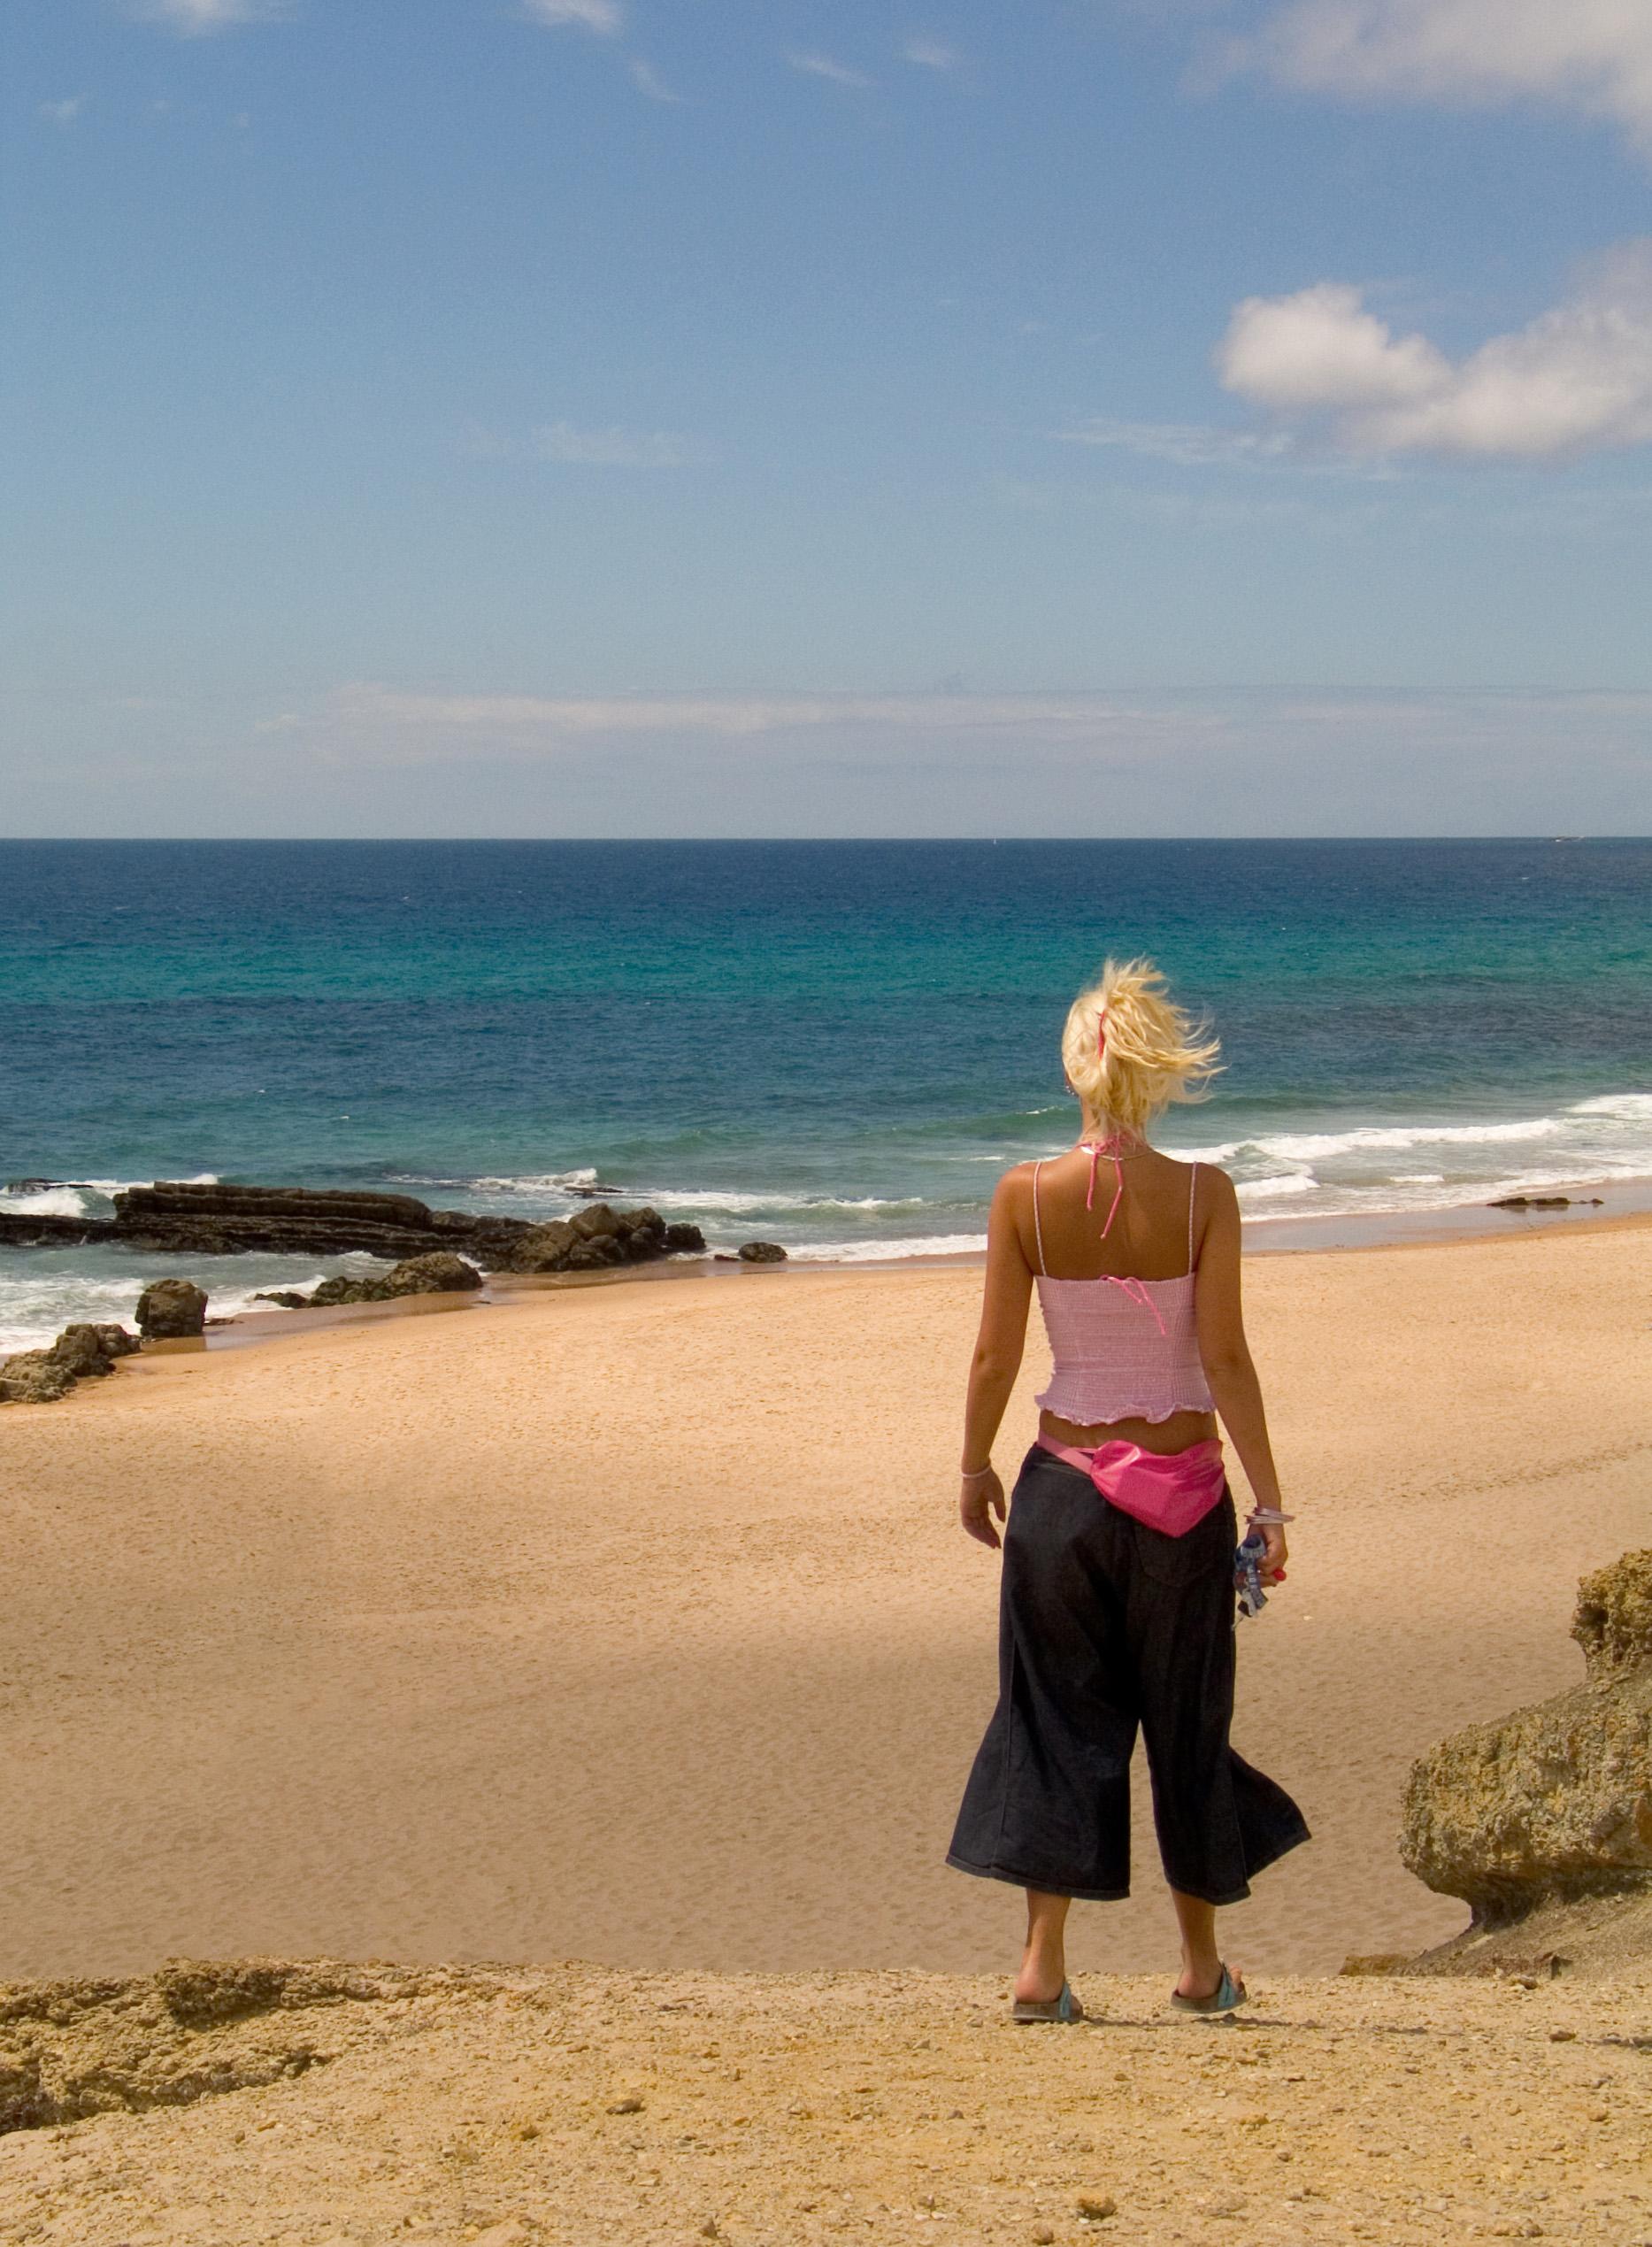 Спокойствие - как сохранять спокойствие, как обрести, польза спокойствия для здоровья, способы и методы достижения душевного спокойствия - Саморазвитие, успех